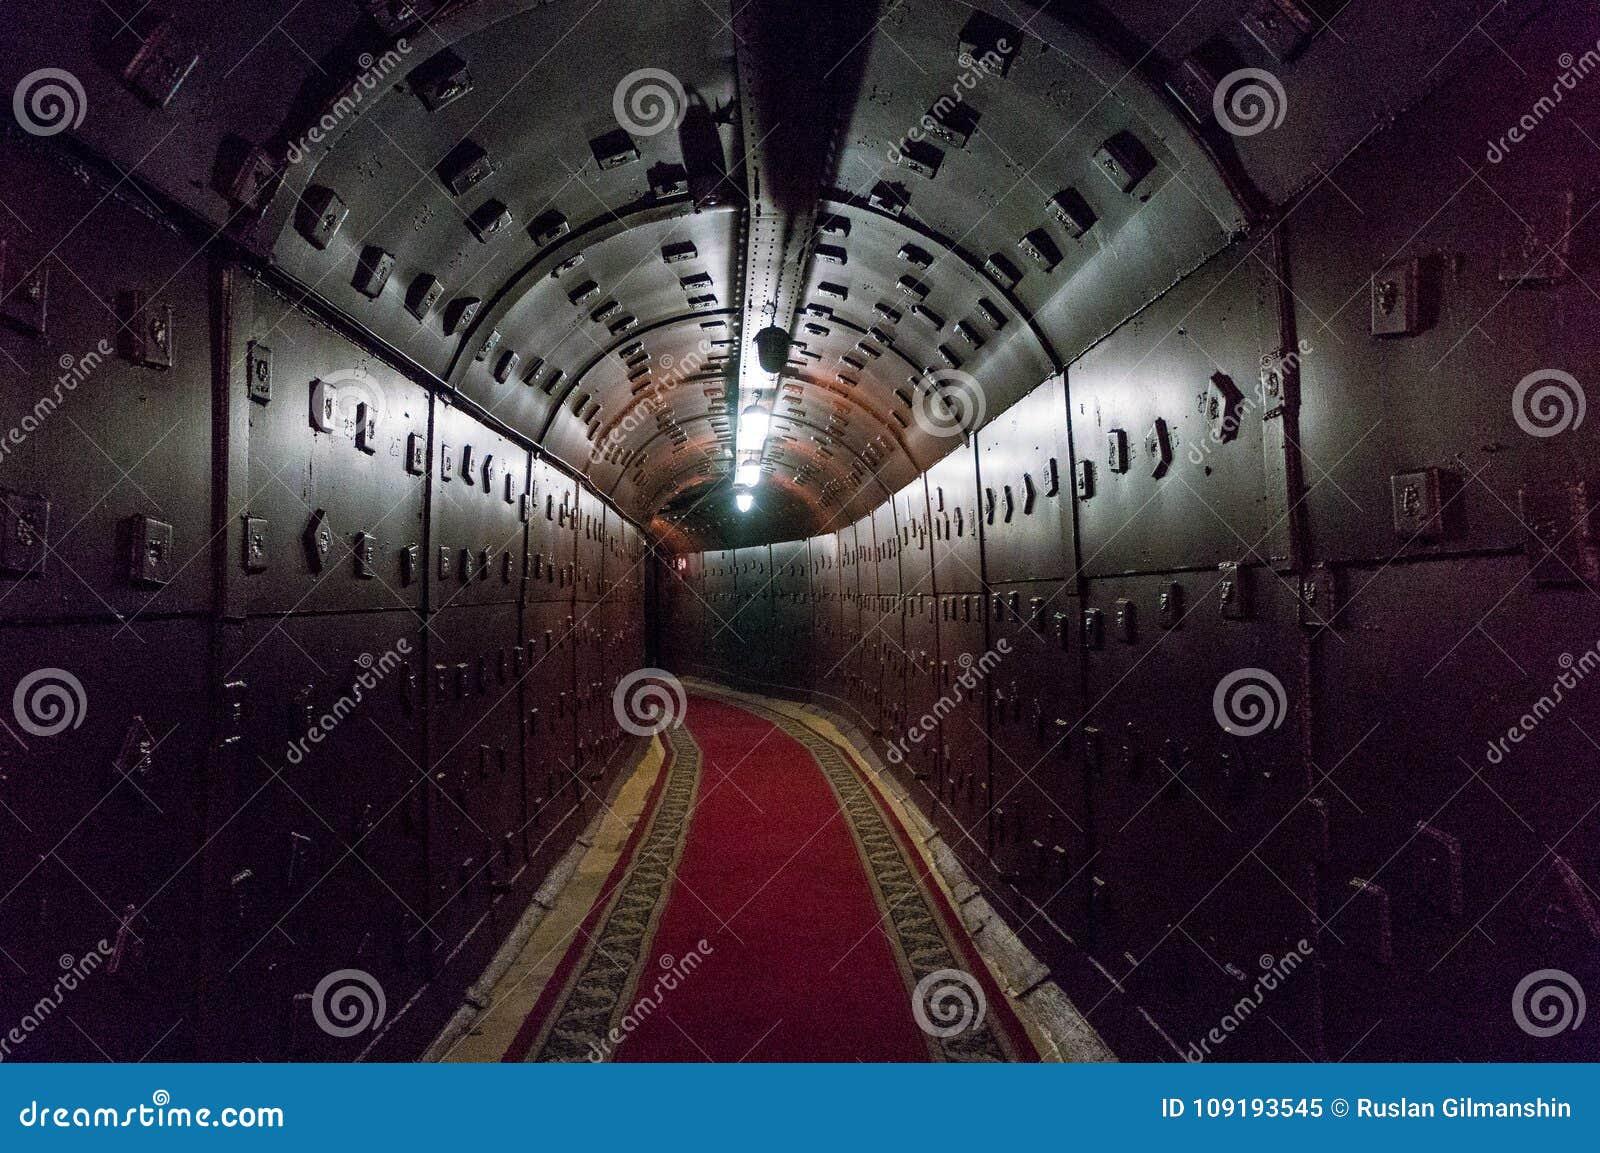 Moscú, Rusia - 25 de octubre de 2017: Haga un túnel en Bunker-42, la instalación subterráneo antinuclear construida en 1956 como